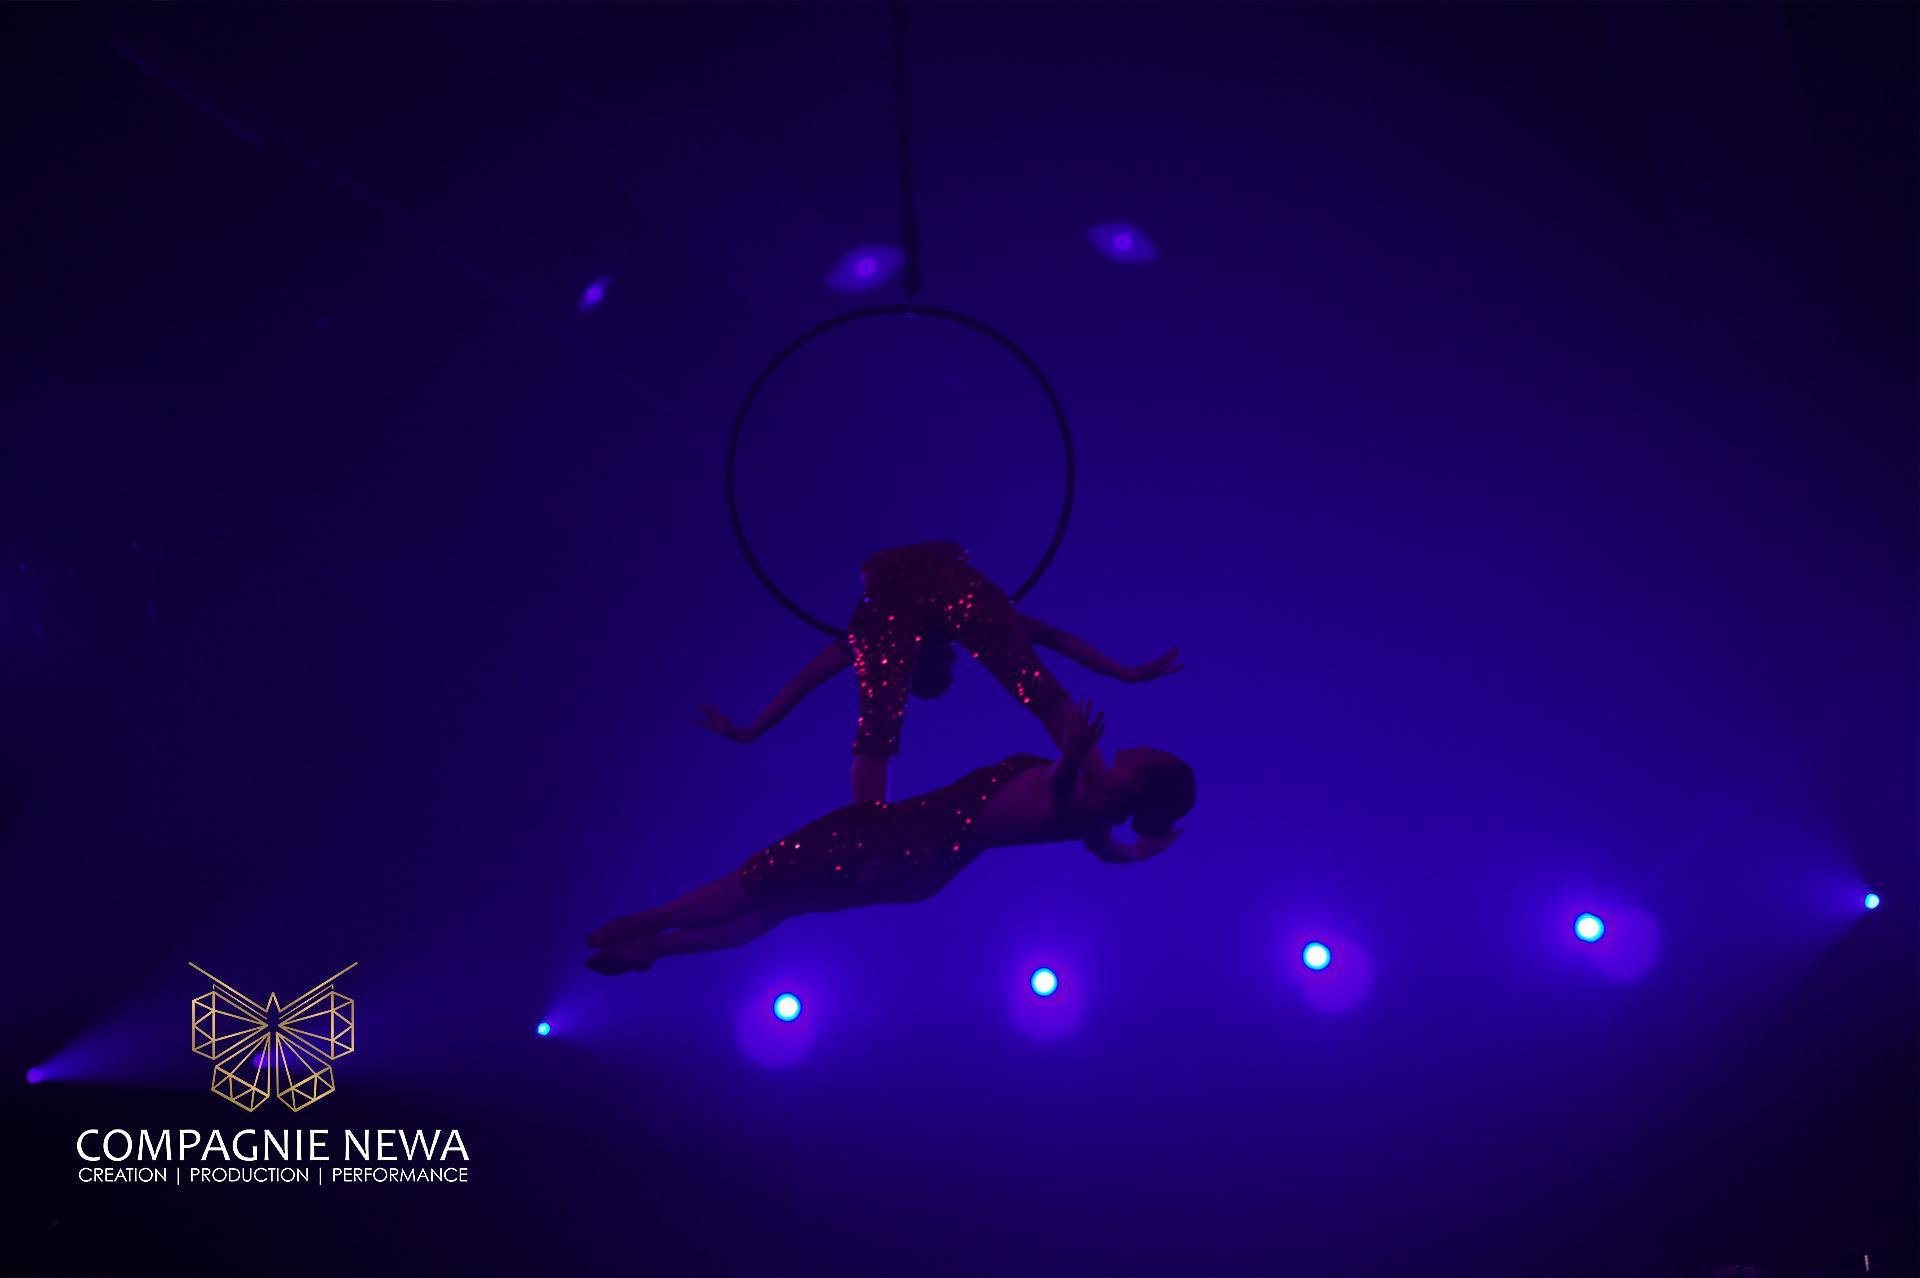 Compagnie_NEWA_Luchtacrobatiek_aerials